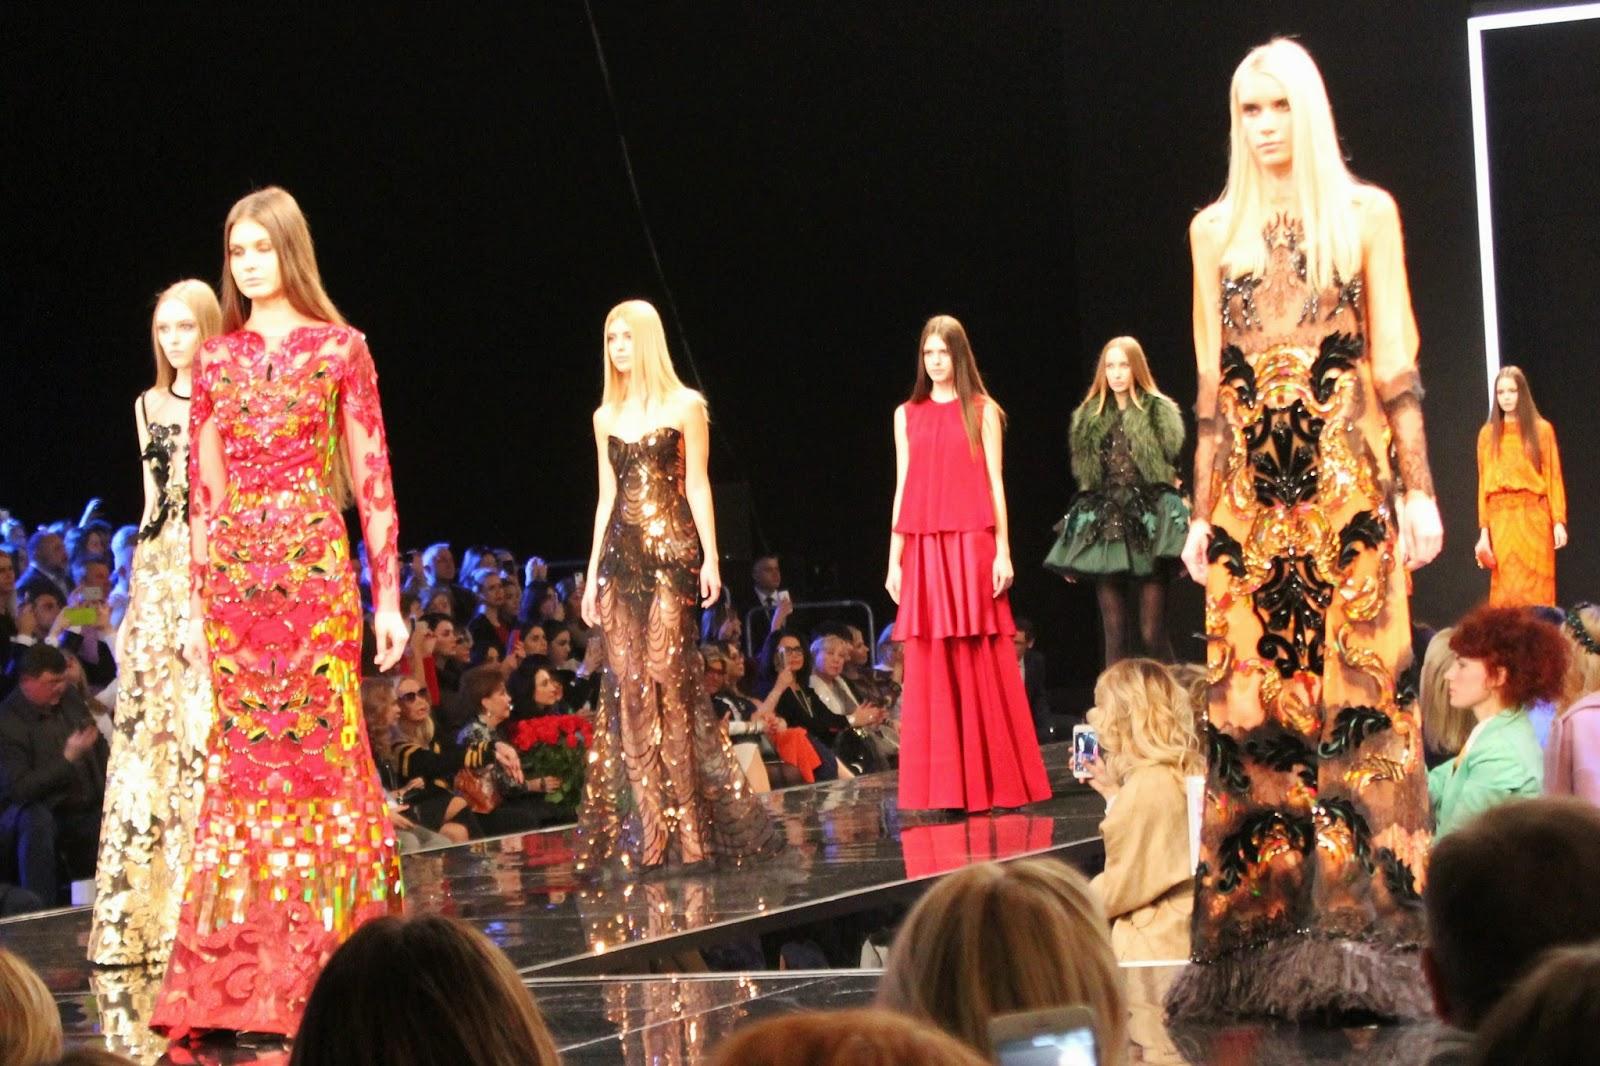 На недавно прошедшей Неделе моды в Париже коллекция Валентина Юдашкина уже  успела стать громким событием, и вот настало время показать плоды  вдохновения ... 7497ad7b5e1